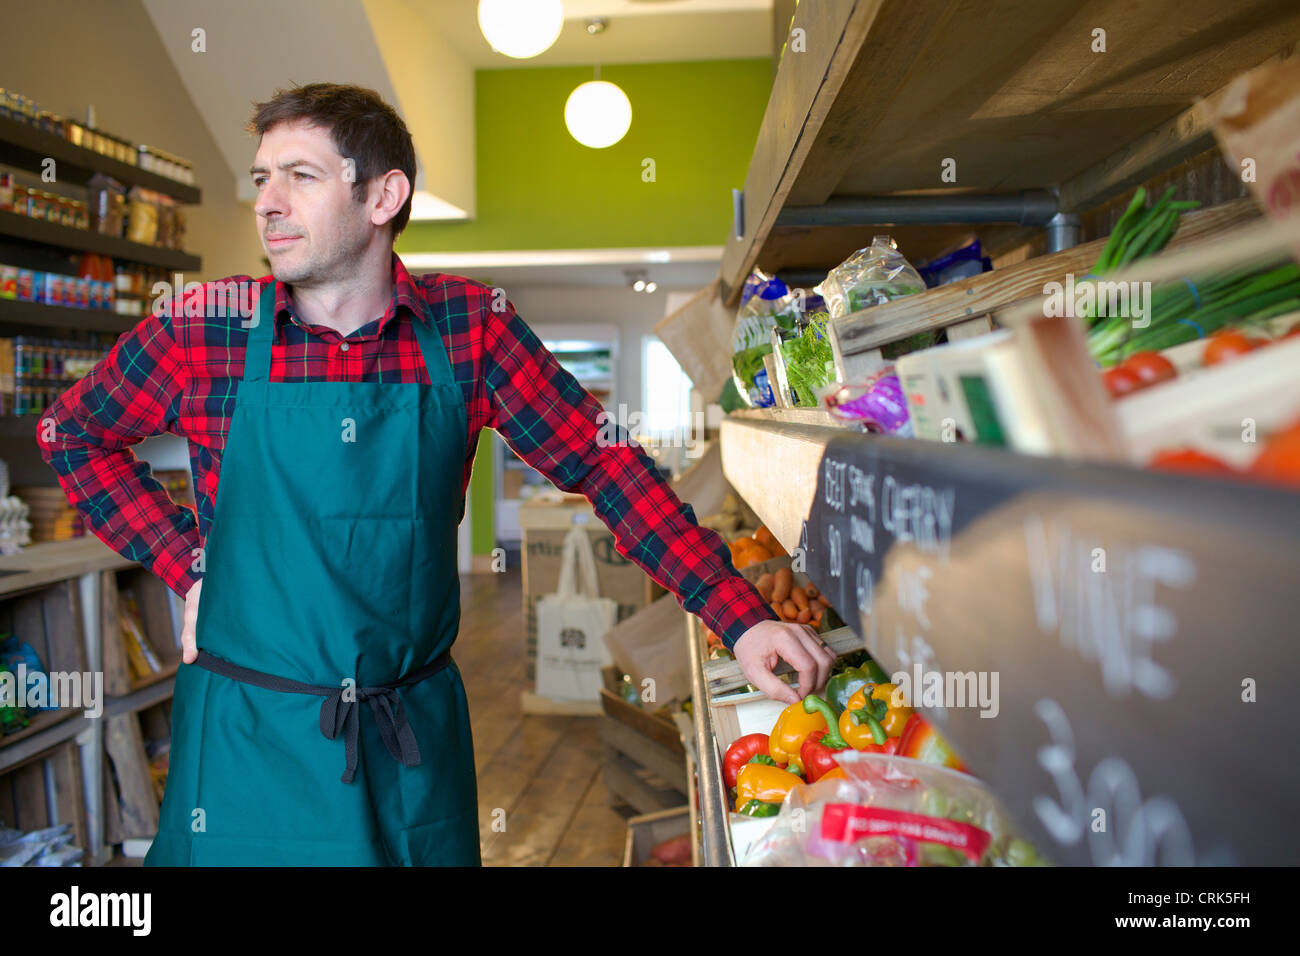 Lebensmittelhändler, die Vermittlung von Produkten zum Verkauf Stockbild